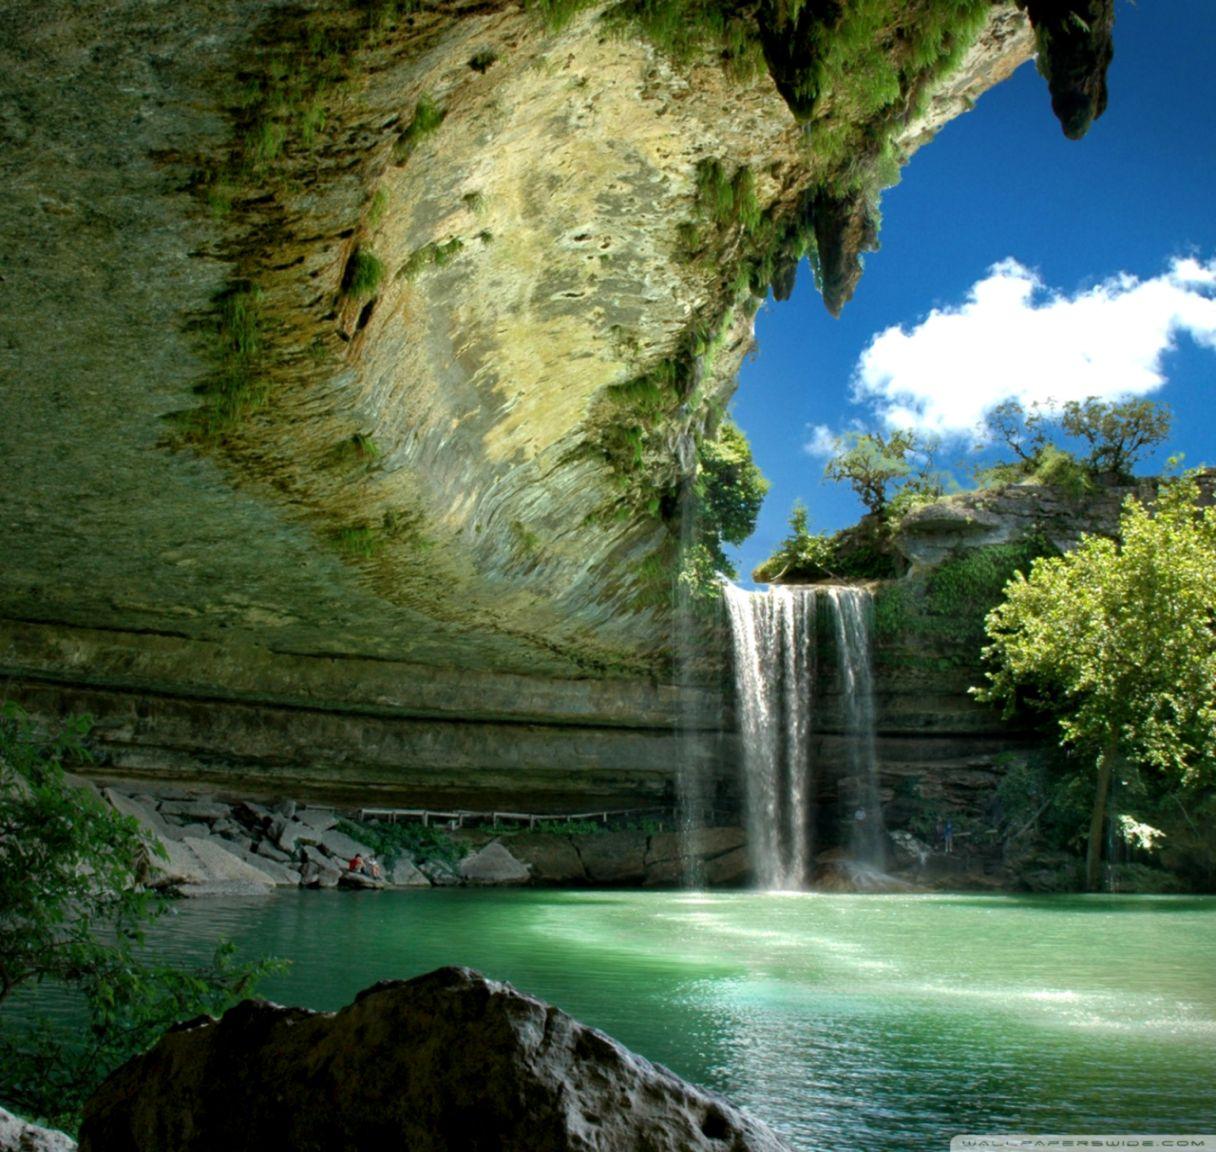 Beautiful Waterfall 4k Hd Desktop Wallpaper For 4k Lau Archipelago Fiji 626749 Hd Wallpaper Backgrounds Download